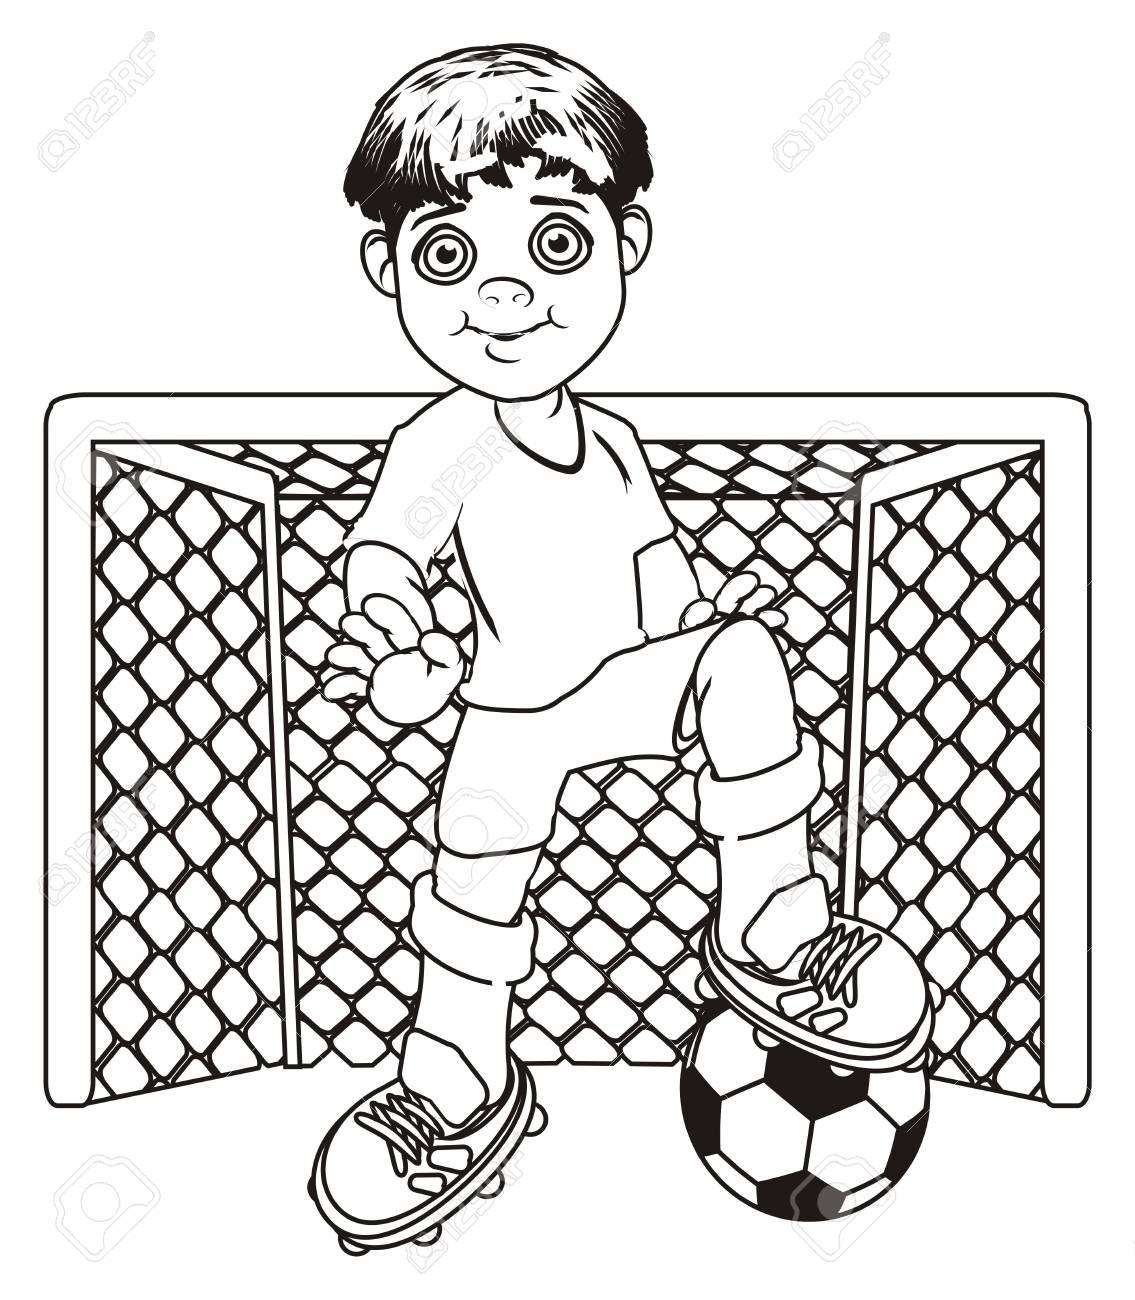 Colorear Jugador De Fútbol Con Pelota Y Puerta Vacía